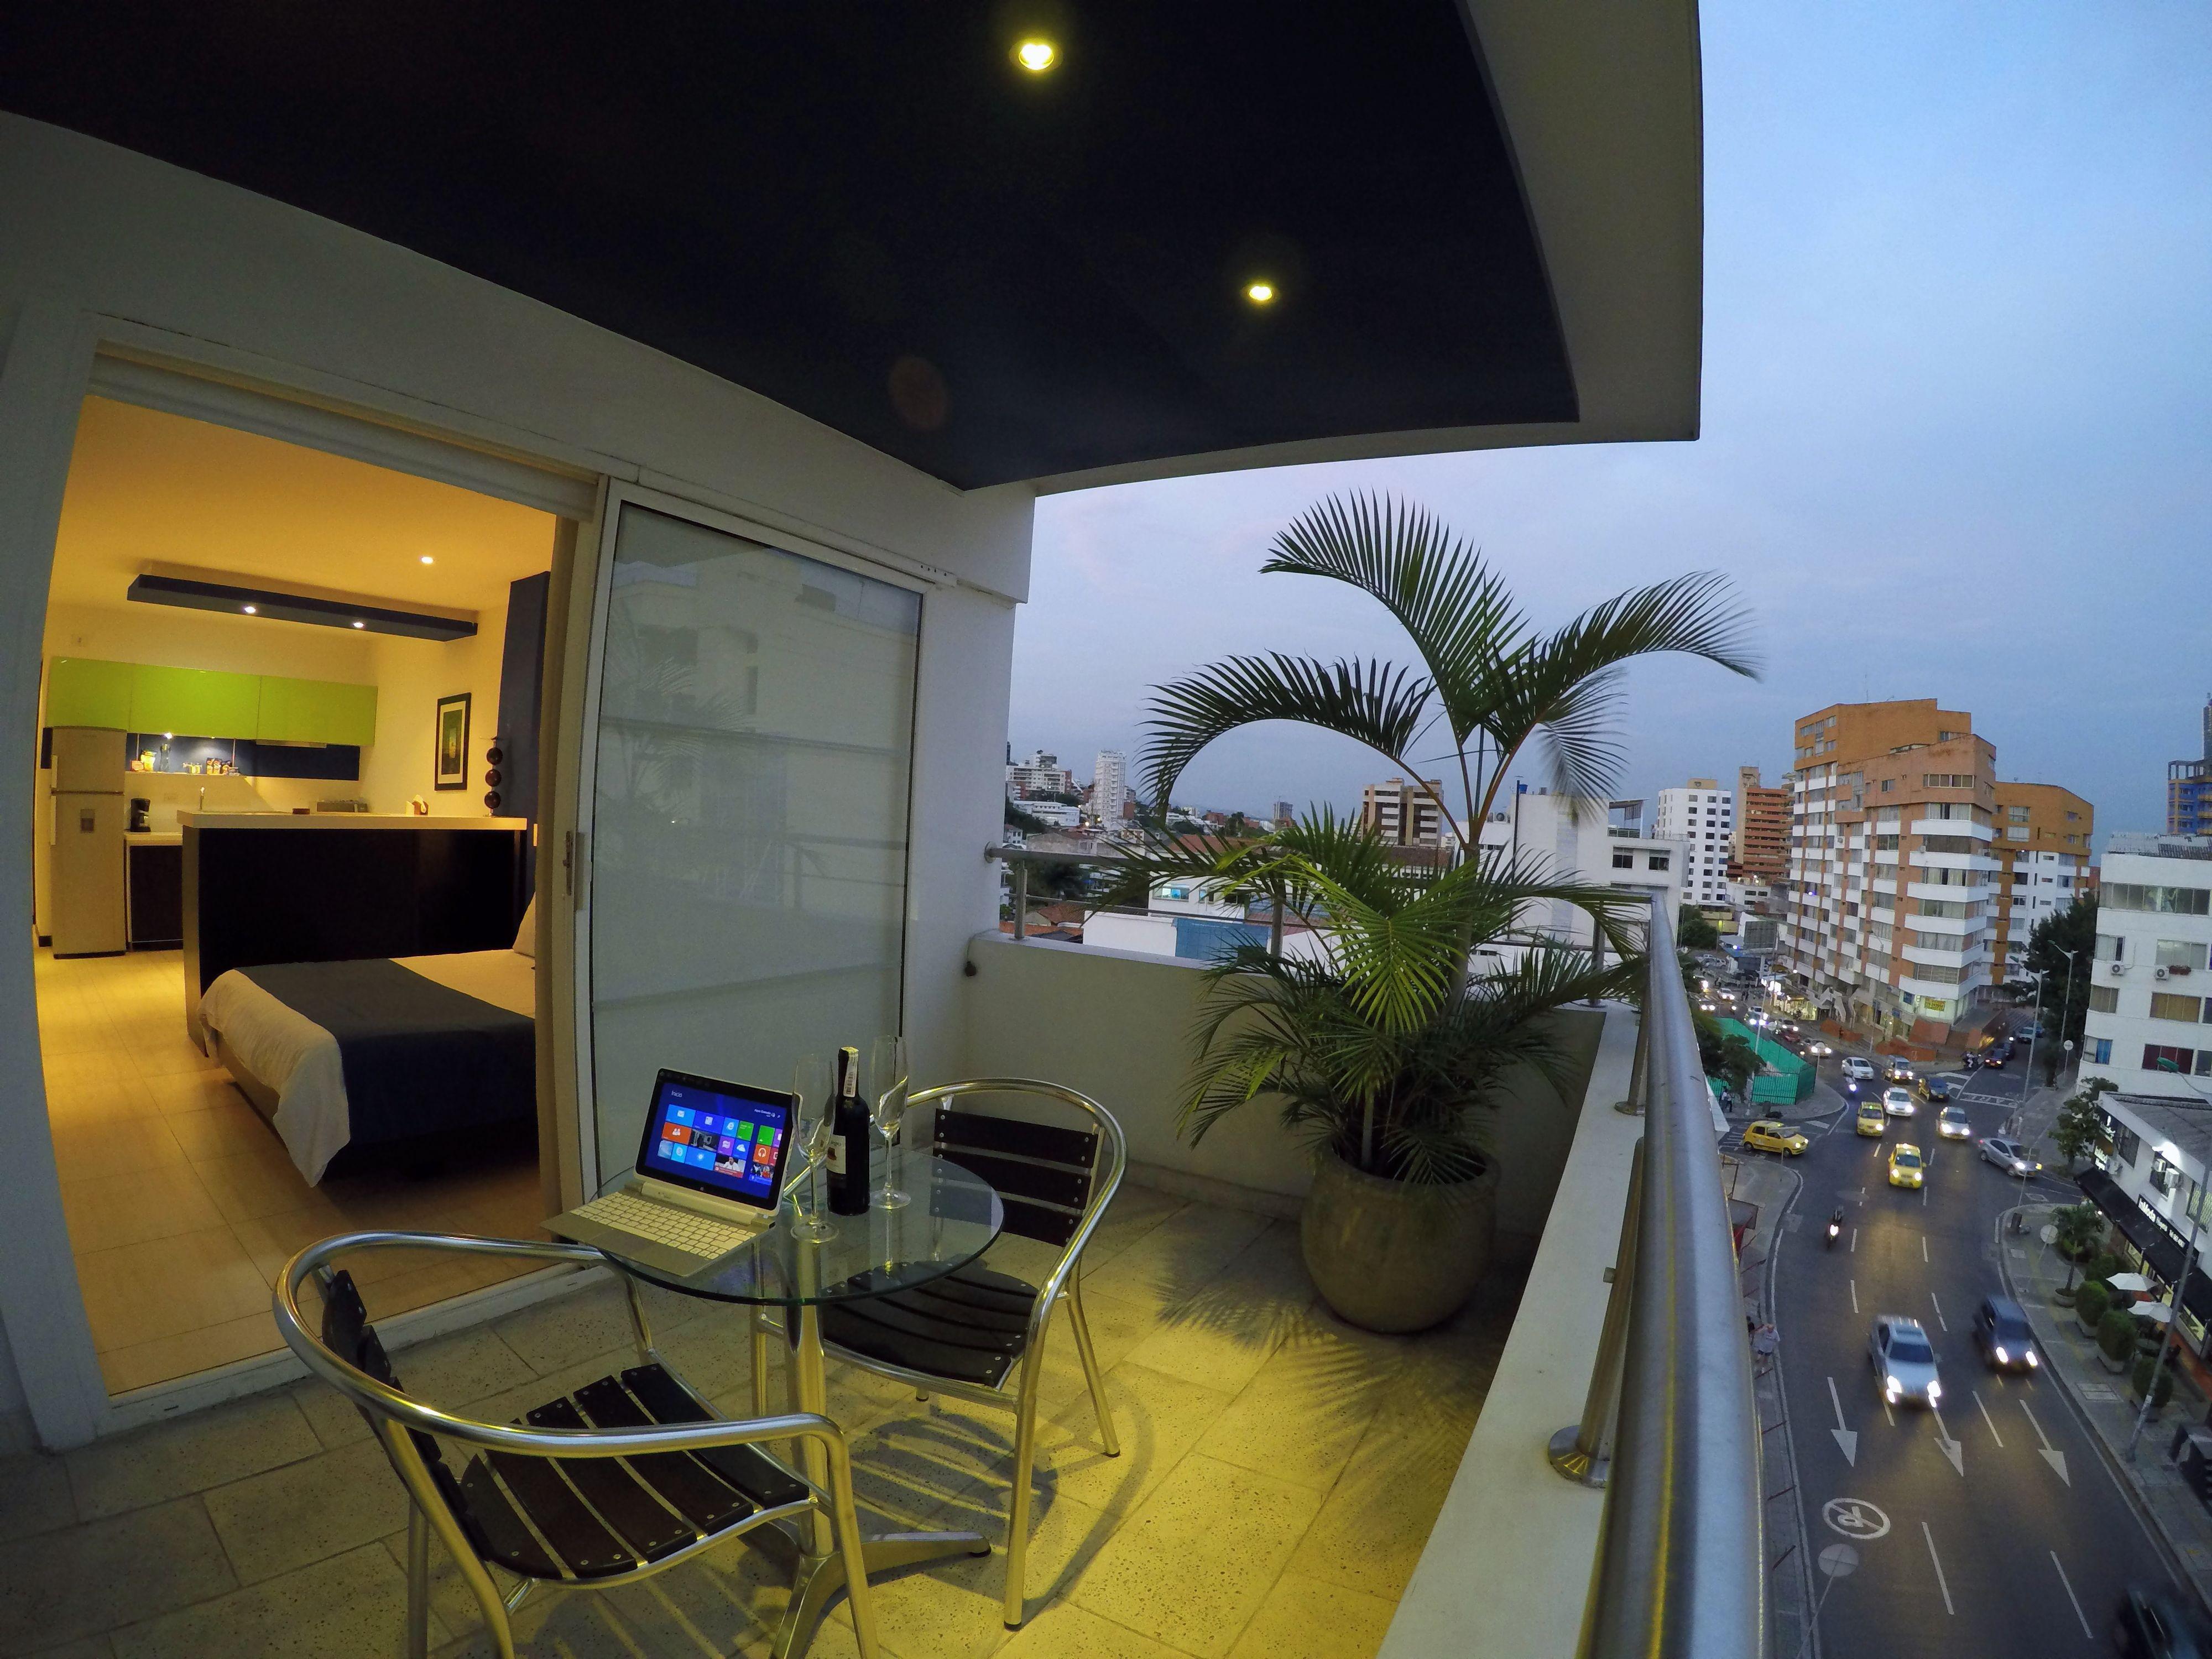 Disfruta Los Atardeceres En Cali Desde El Barrio Granada En Nuestras Loft Suite En 2 Ambientes Balcon Loft Ambiente Balcones